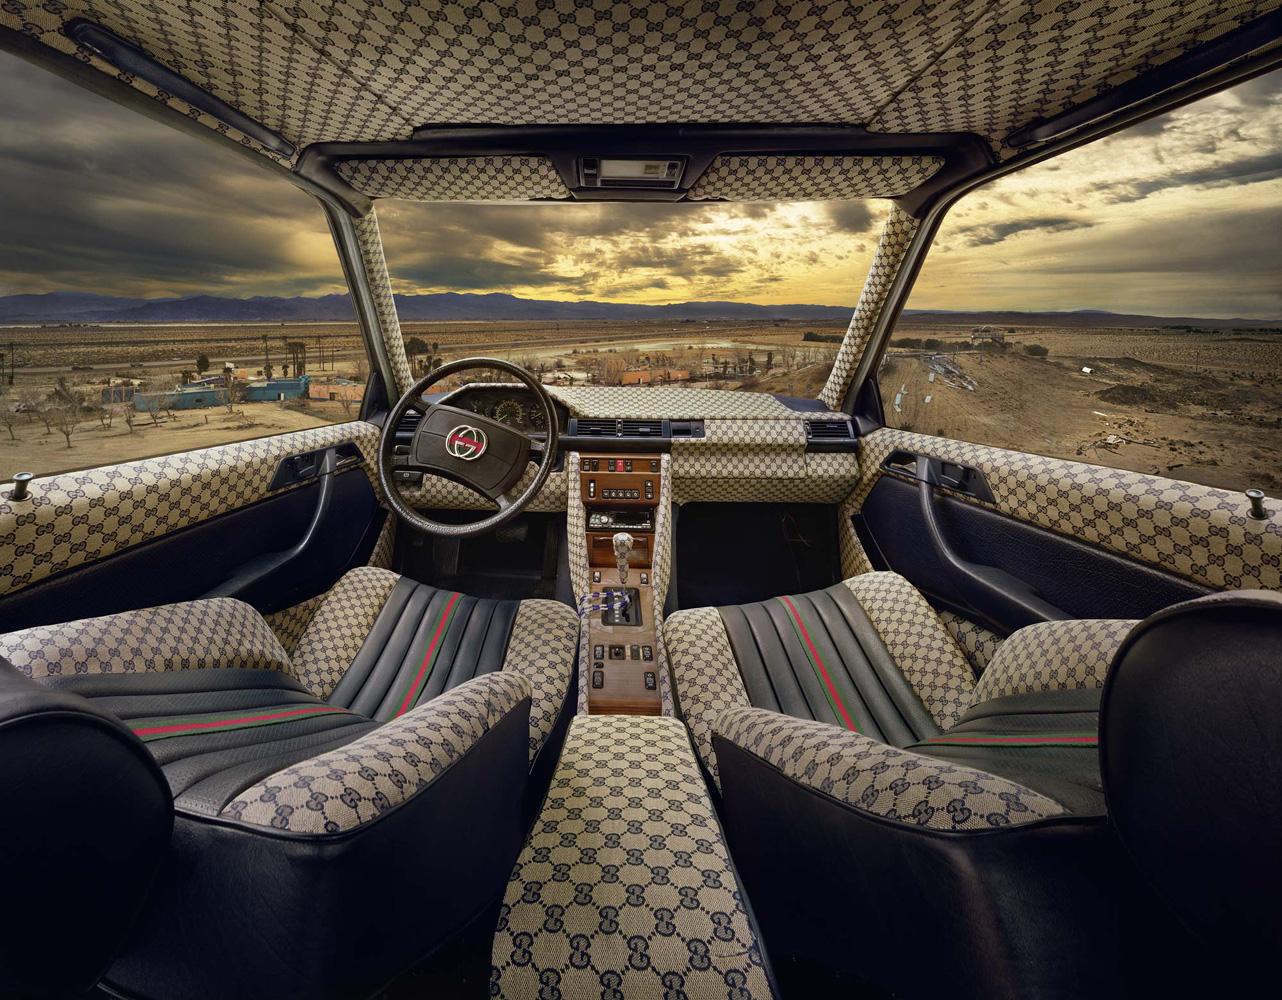 Louis Vuitton Car Interior Instainterior Us